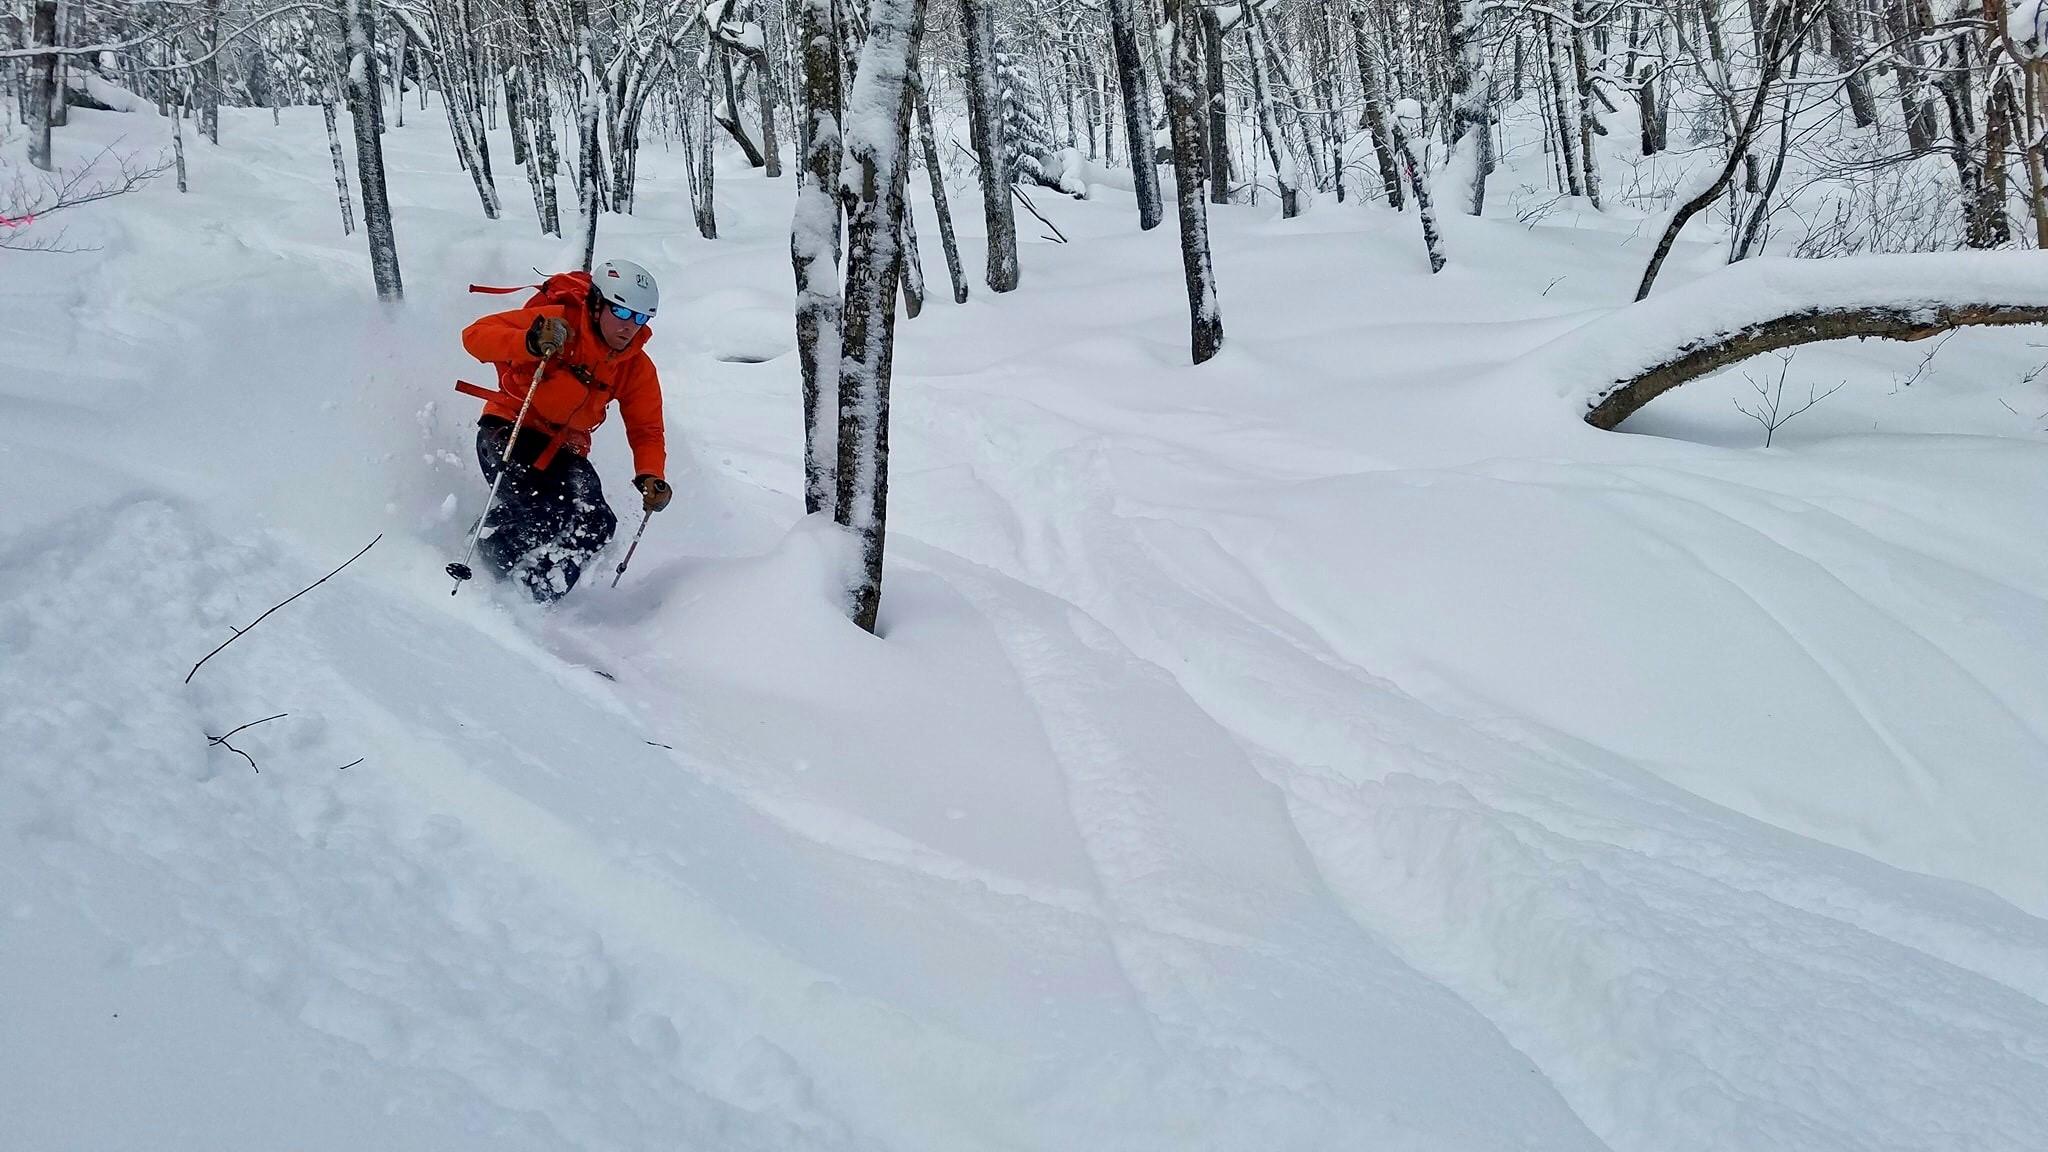 randolph ski 12 26 17.jpg